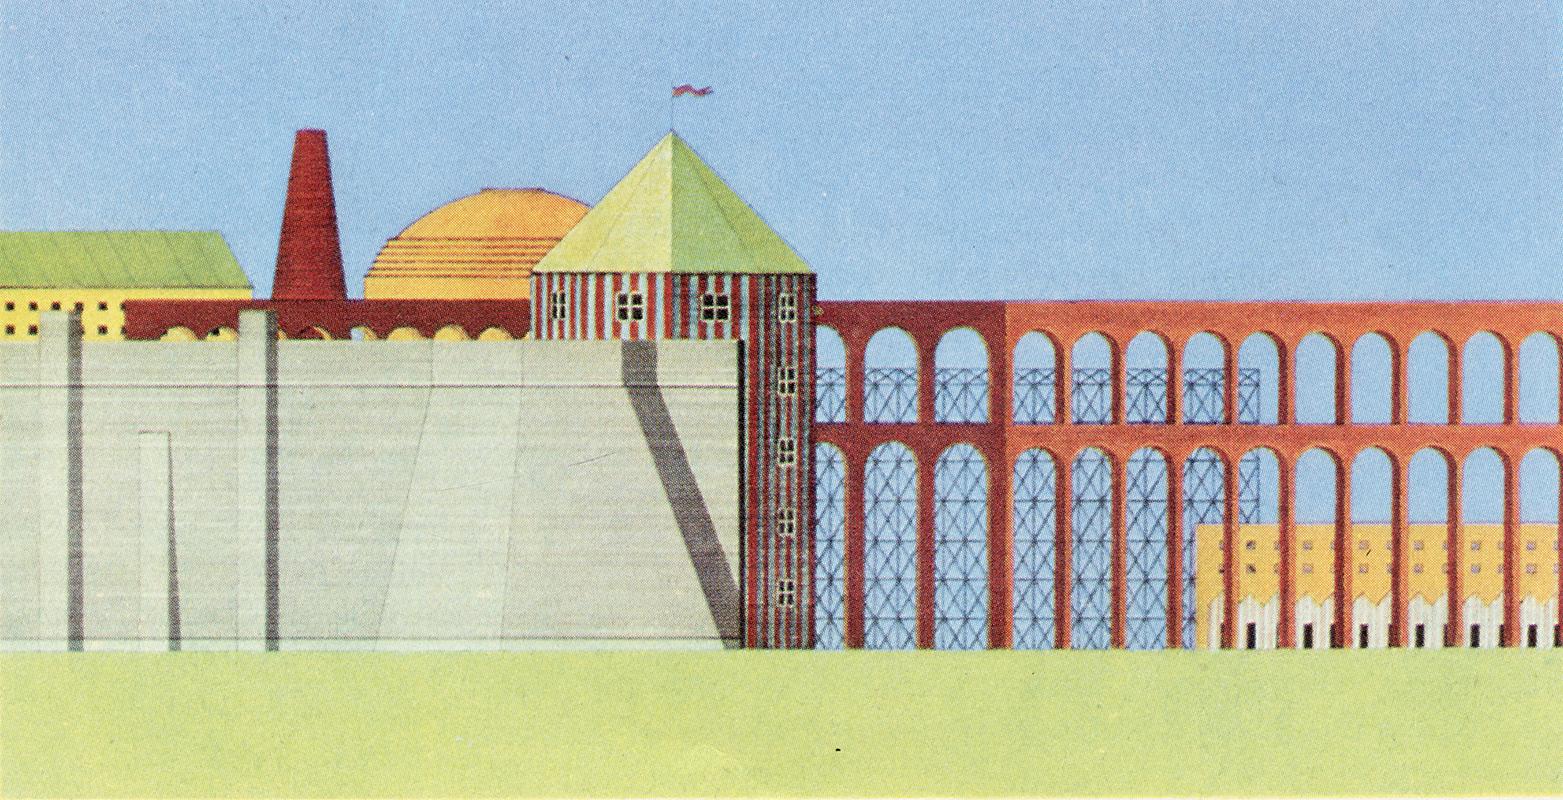 Aldo Rossi. Arquitectura (Madrid). 214 Sep 1978, 18